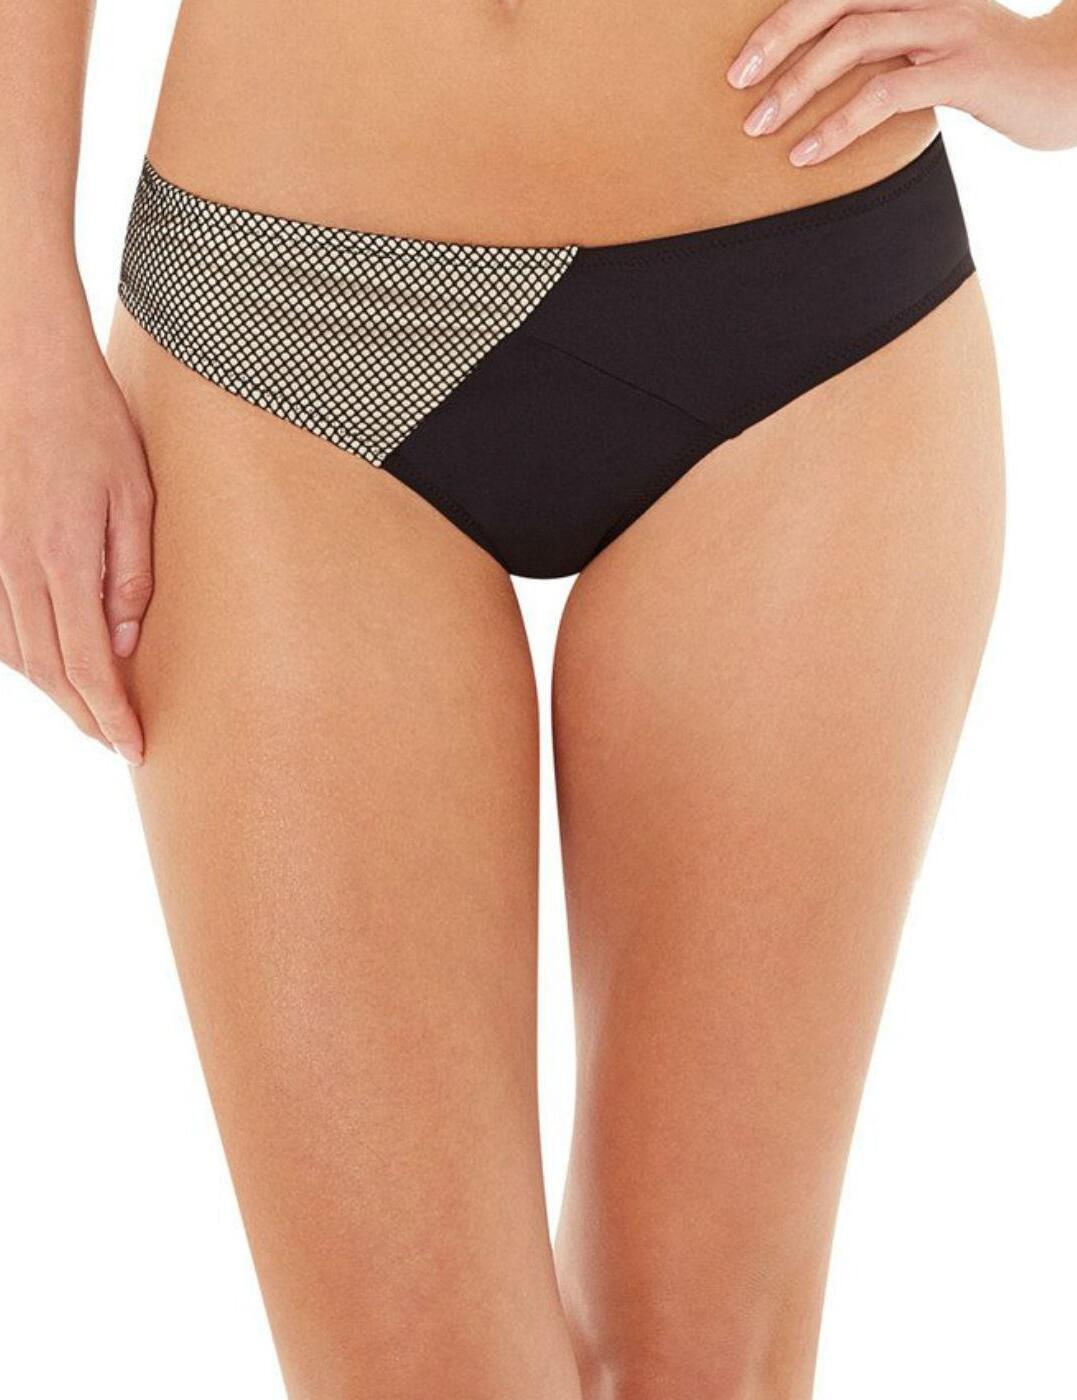 1538720 Lepel Helena Low Rise Bikini Pant Black  - 1538720 Low Rise Bikini Pant